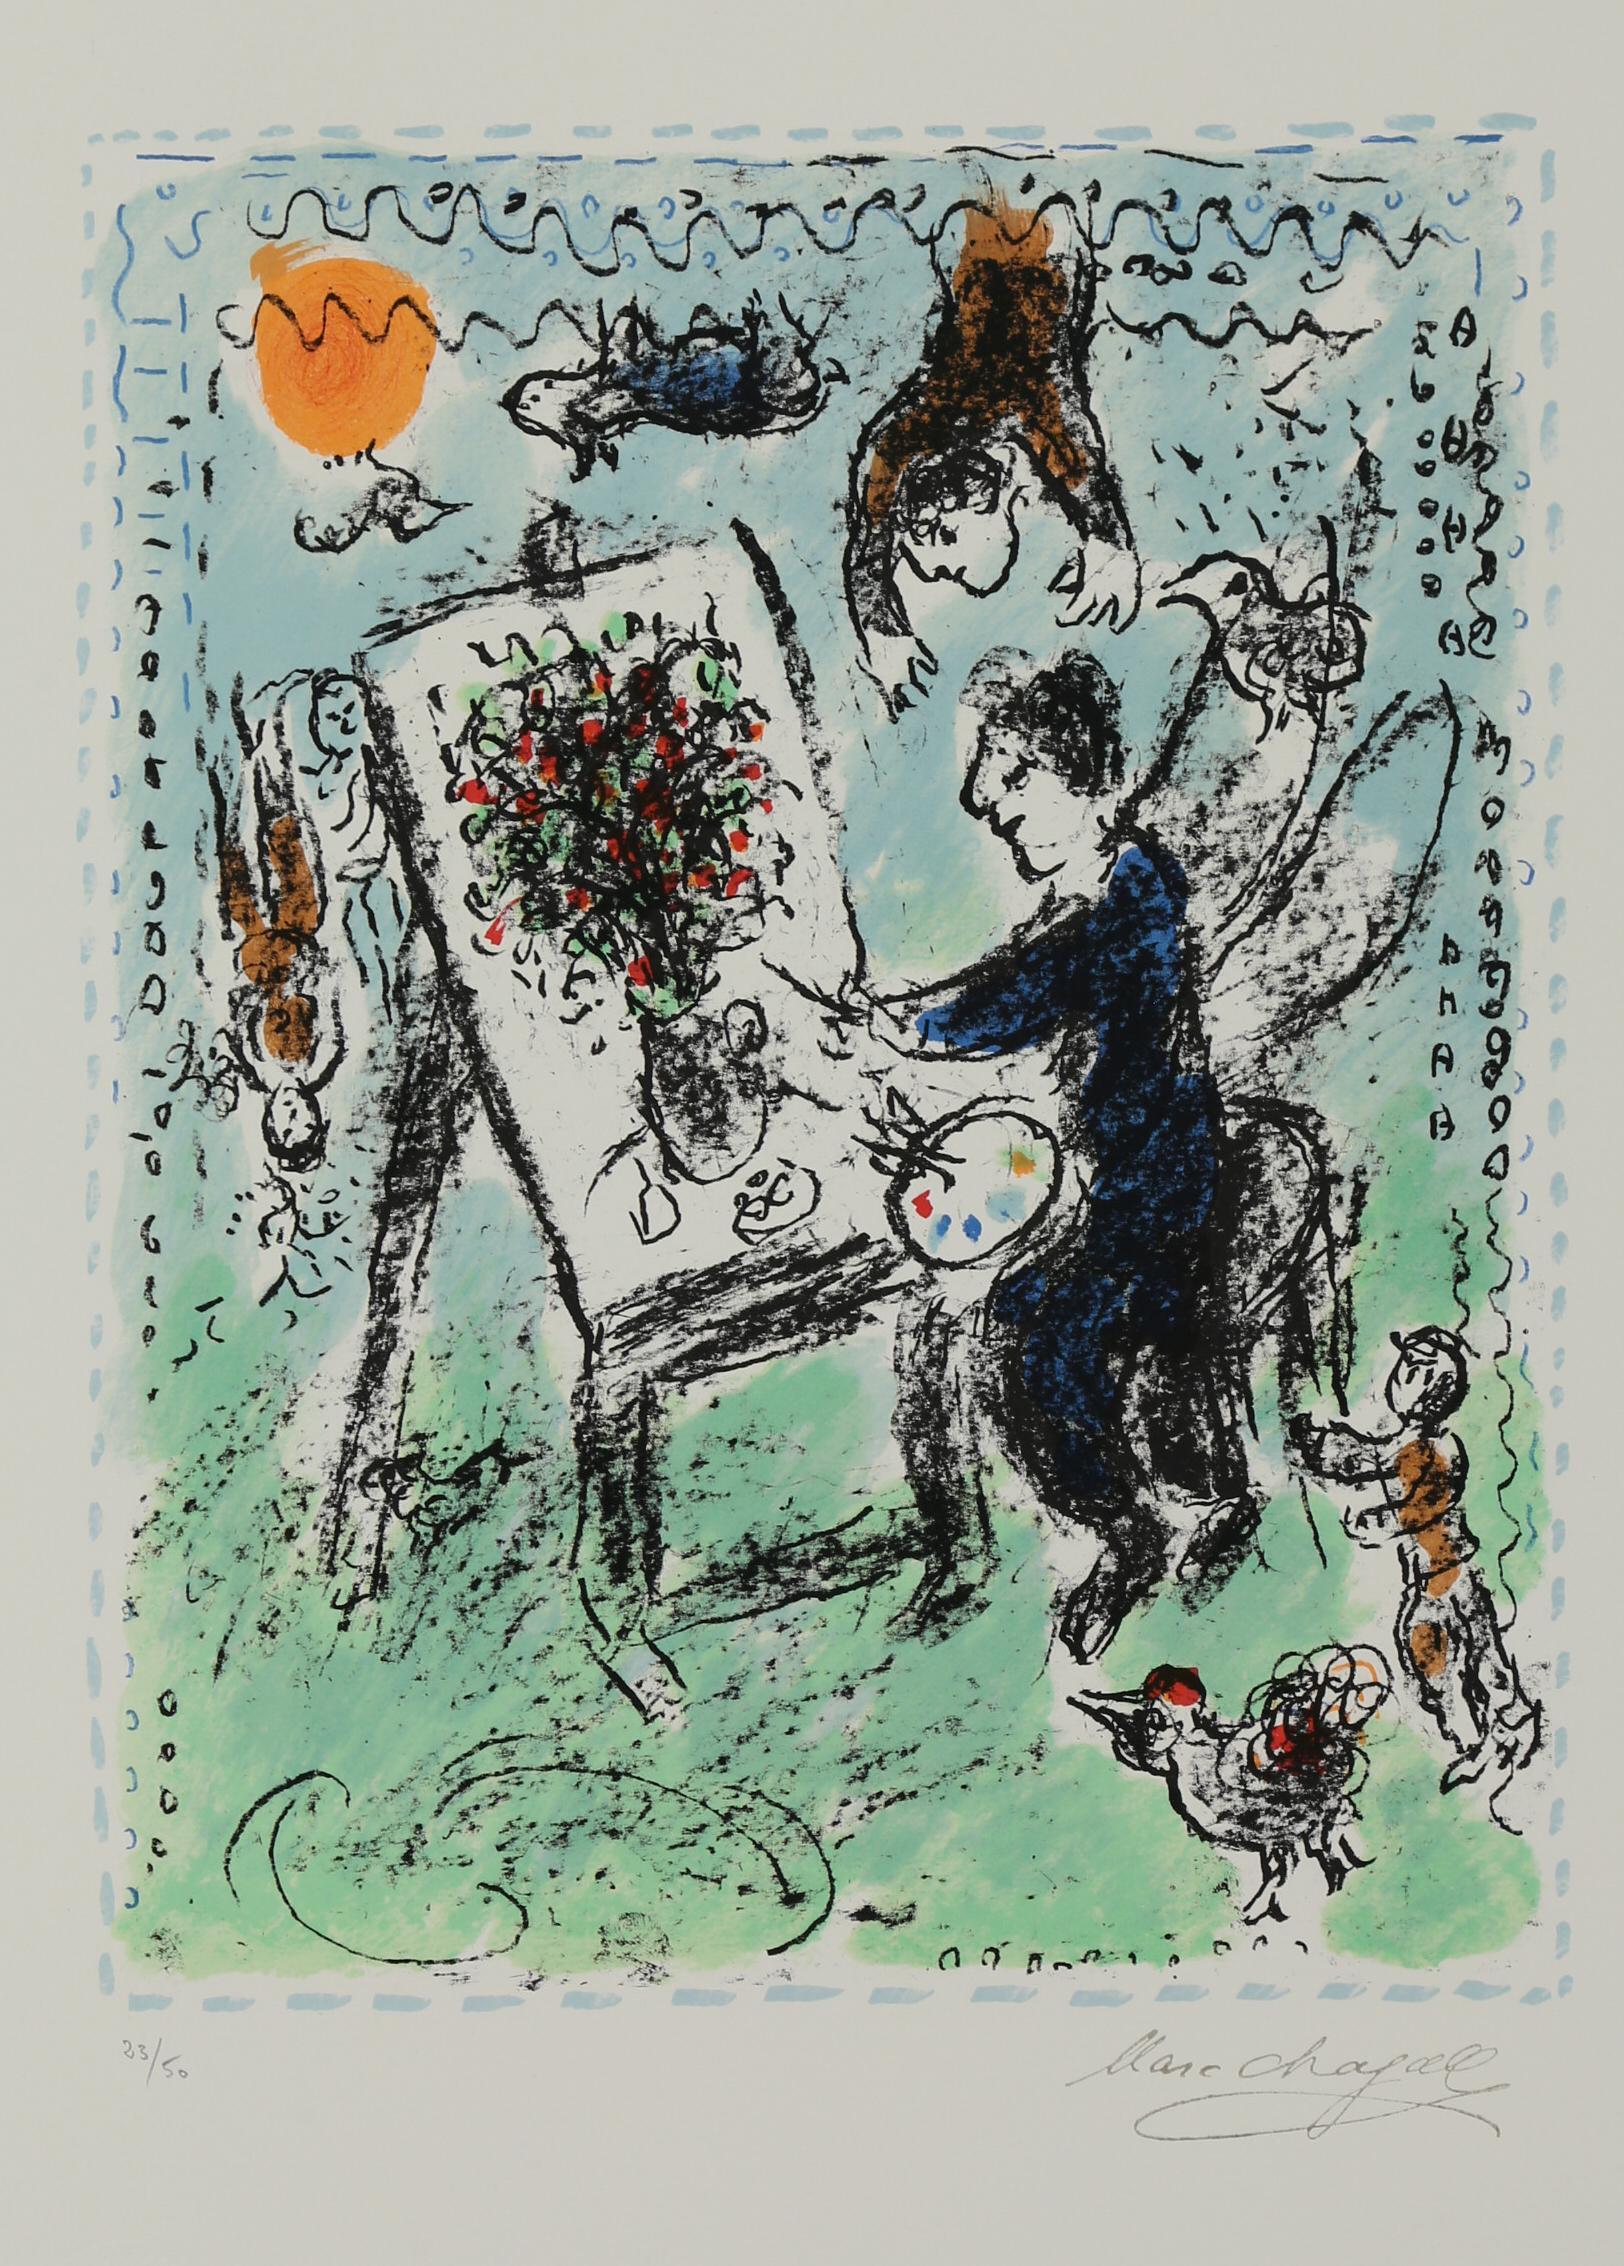 Le Peintre Aile, Limited Edition Lithograph